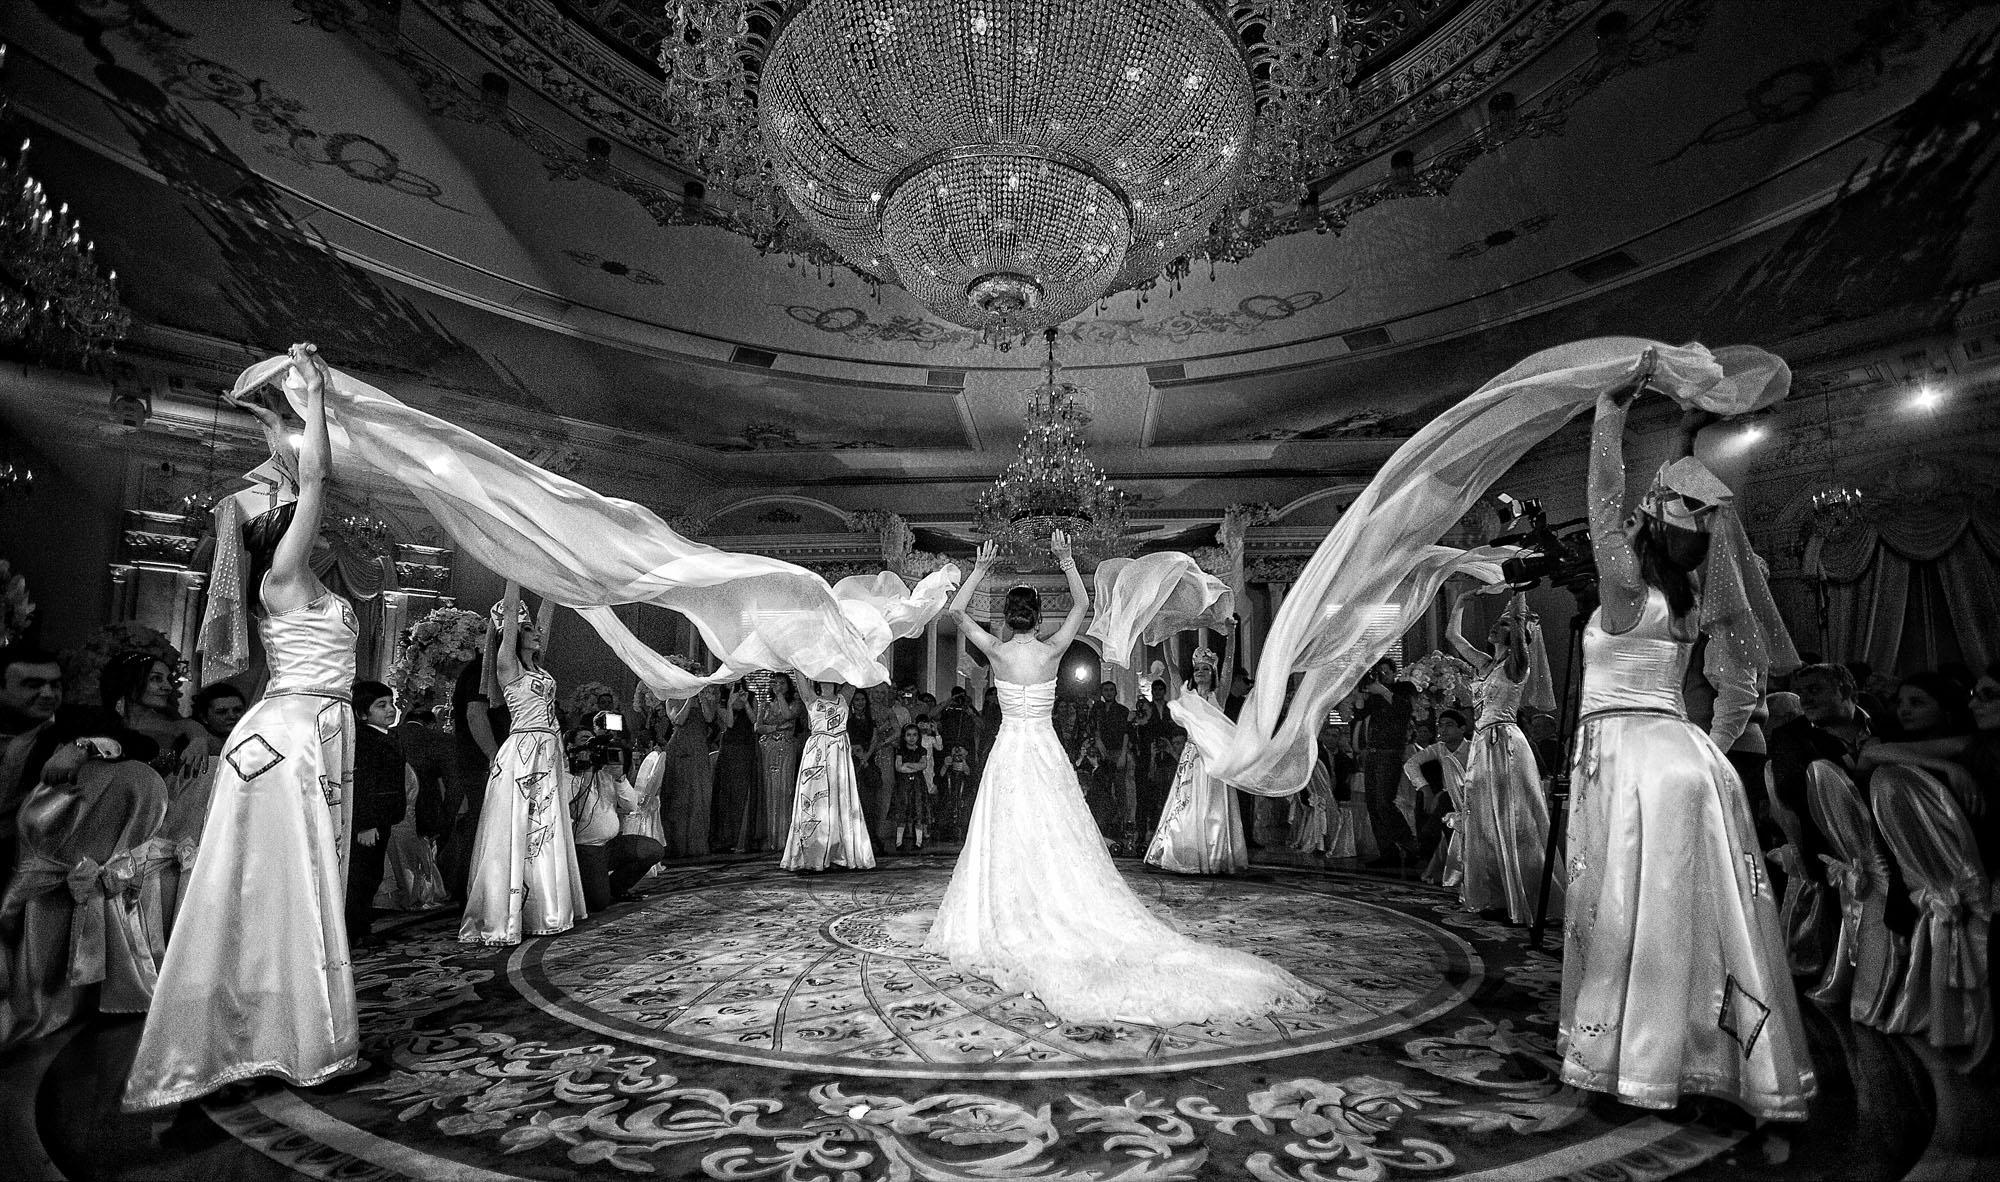 нормальный трансгендер курс дмитрия федотова свадебная фотография залив